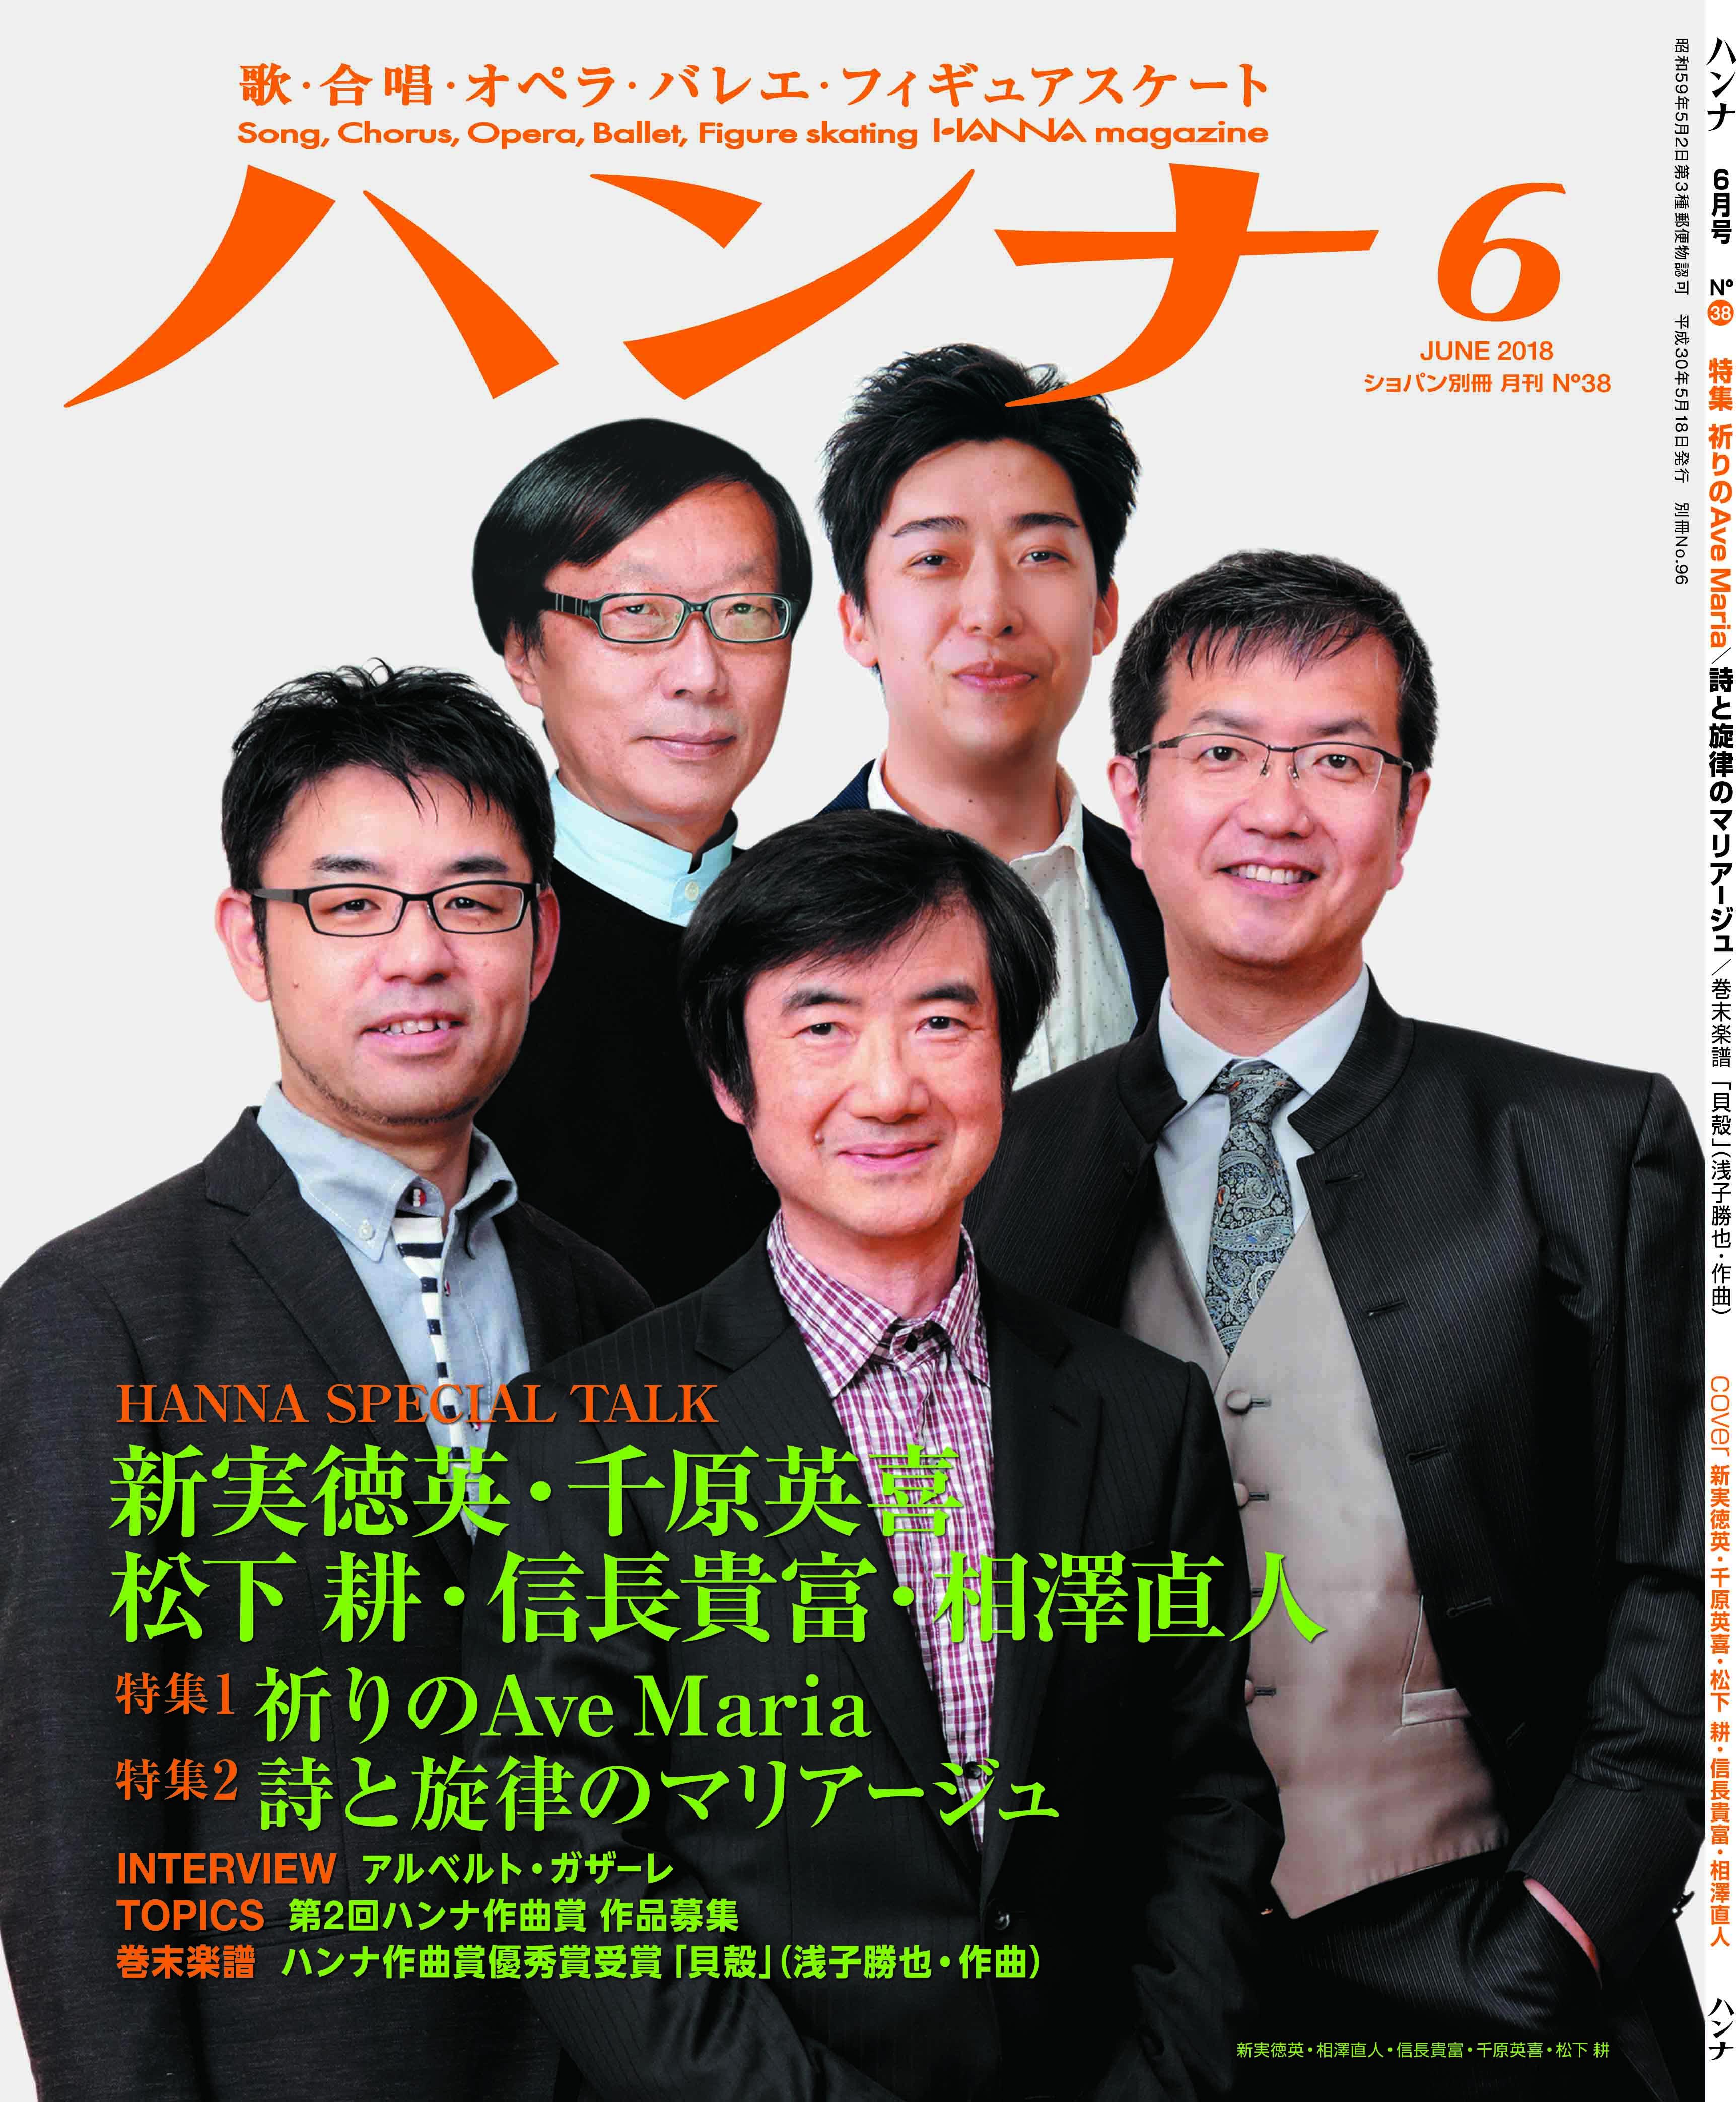 ハンナ2018年6月号 No.38